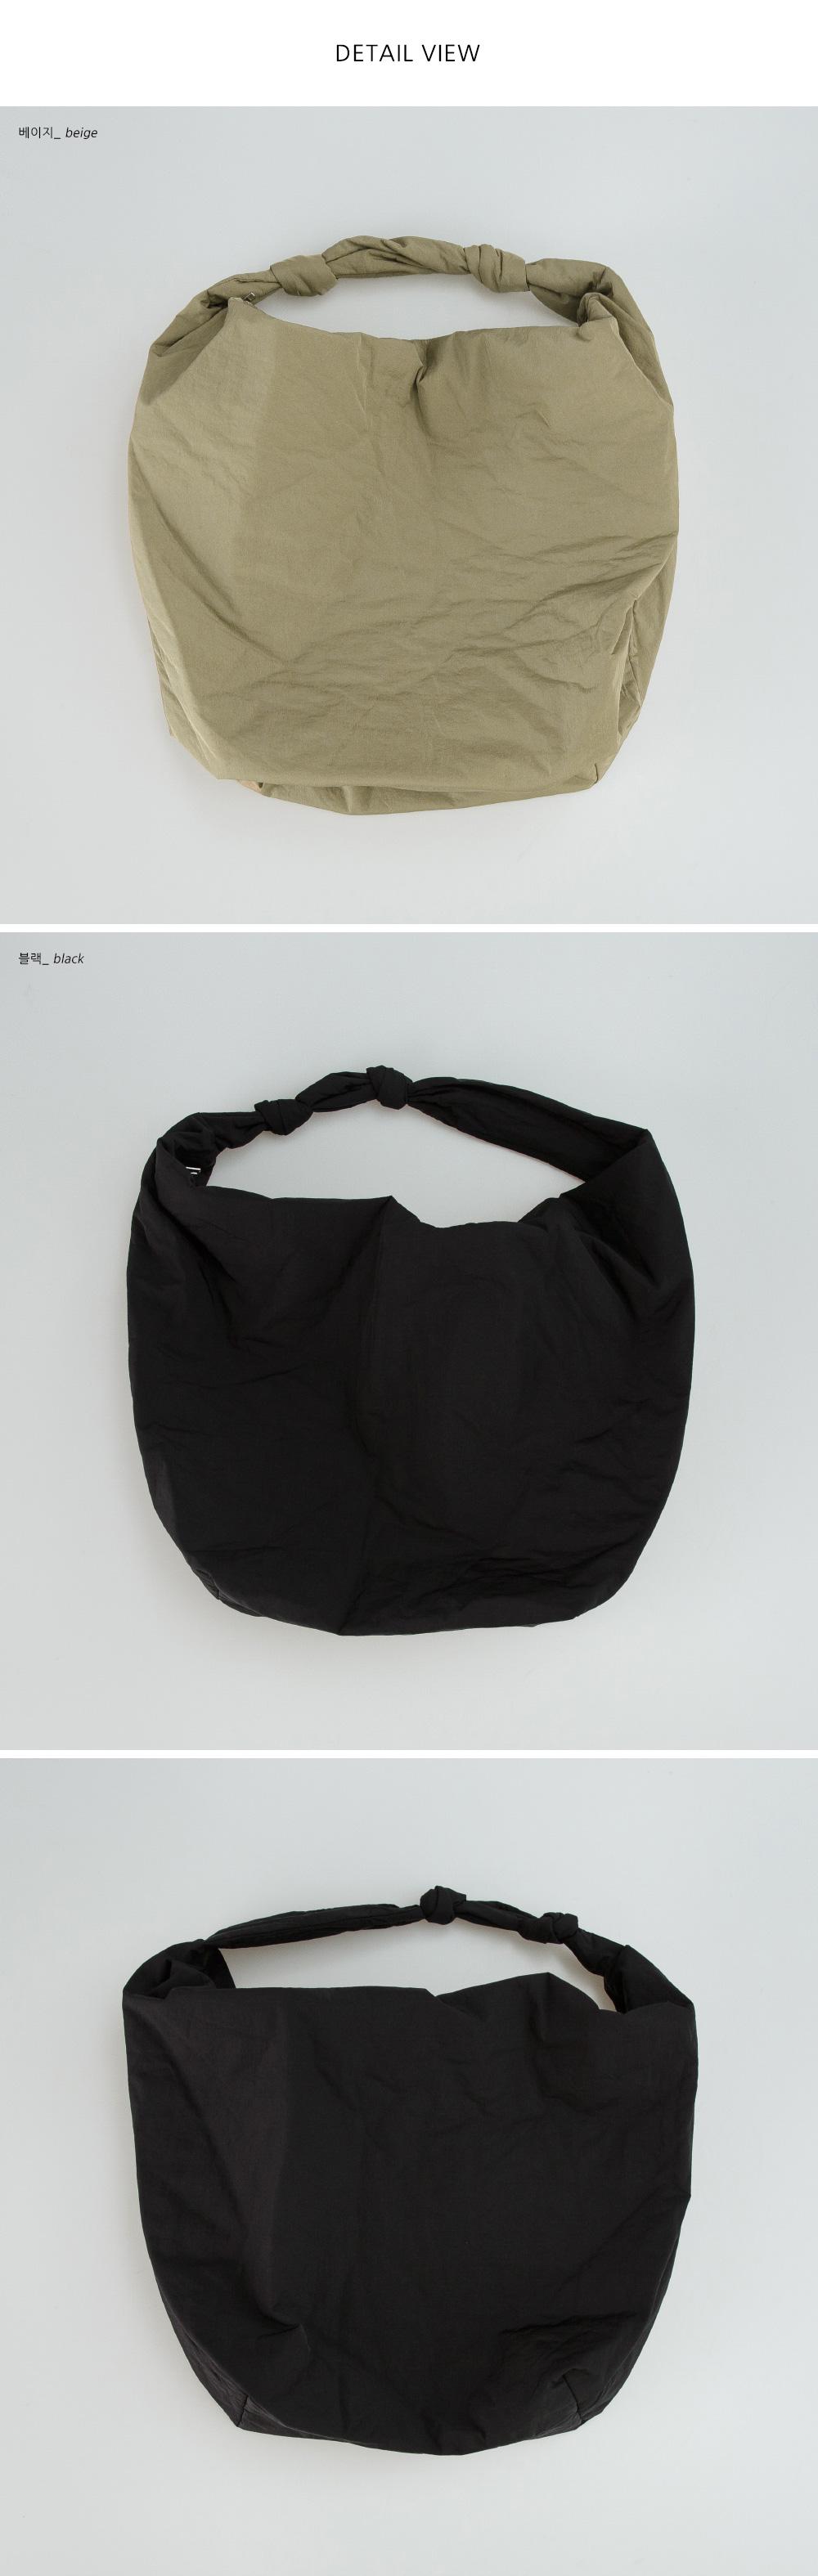 Note-zip padded shoulder bag